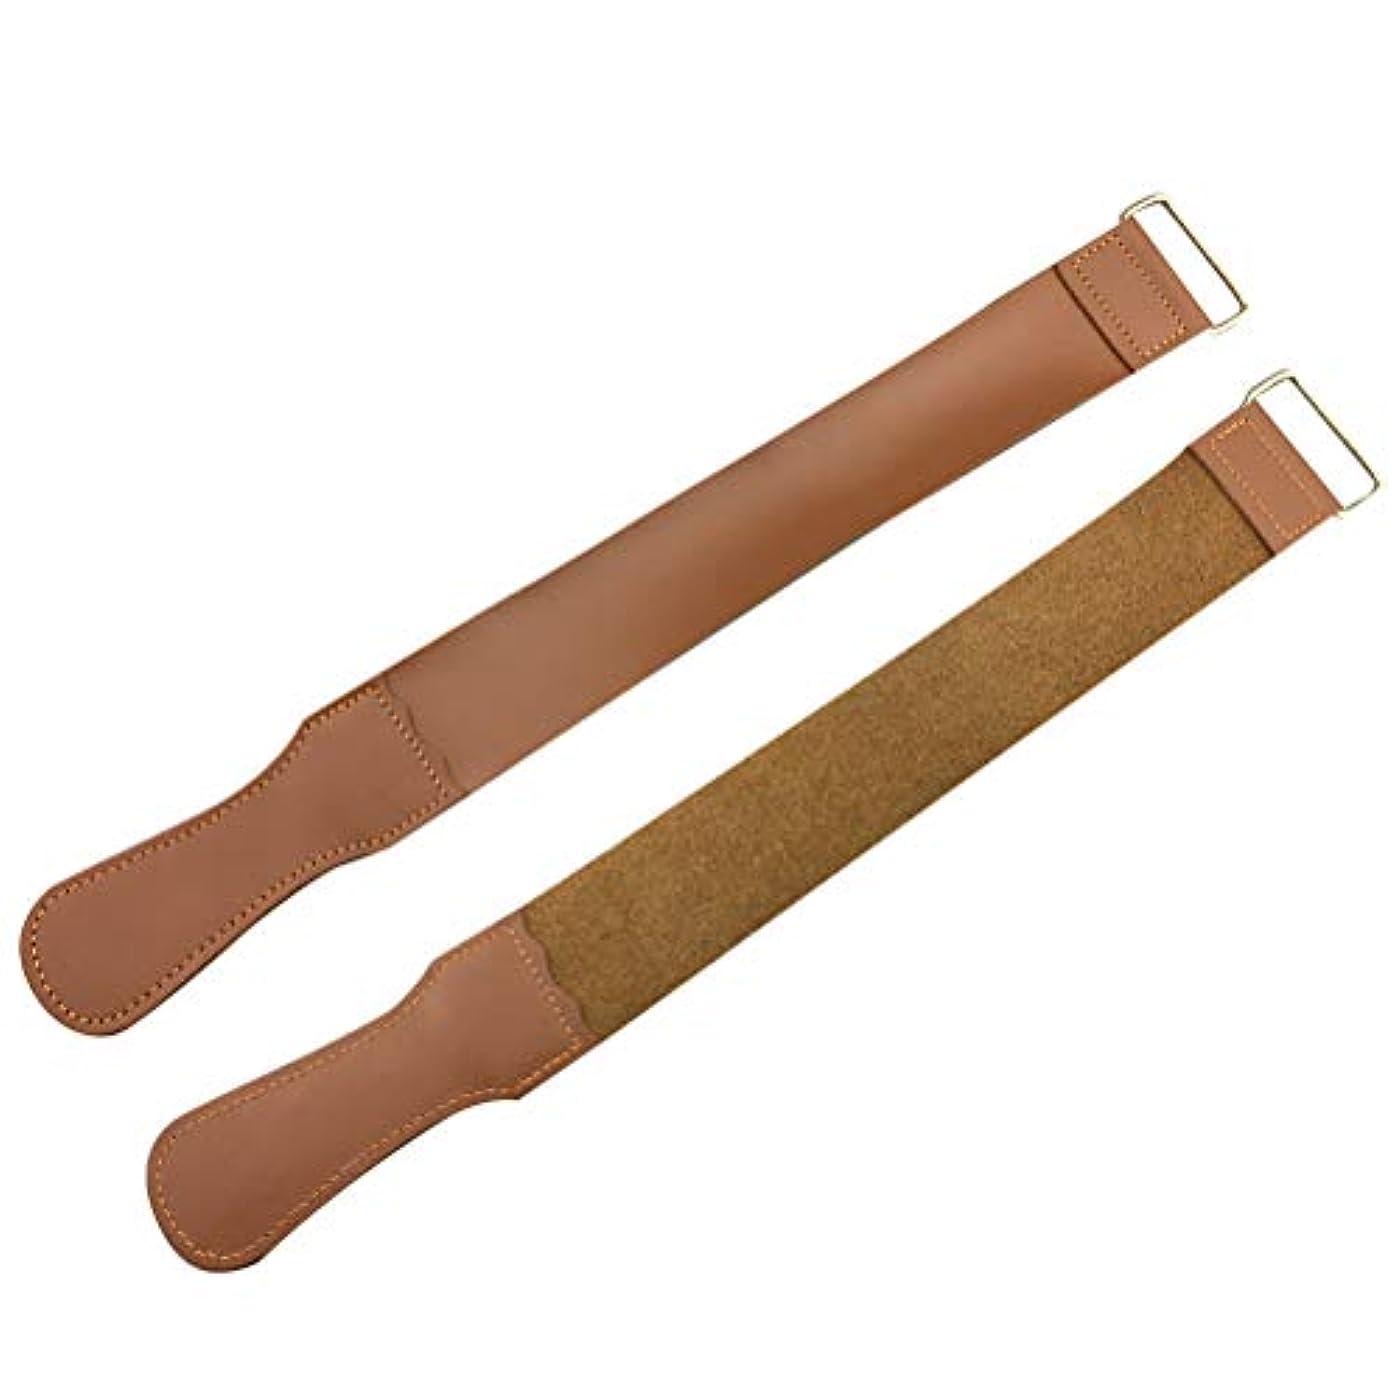 学んだしかしながらキリスト教SUPVOX 2ピースストレートカミソリストラップ純粋な革研ぎストラップナイフ研ぎベルトシャープナー用折りたたみストレートかみそりシェービングナイフ